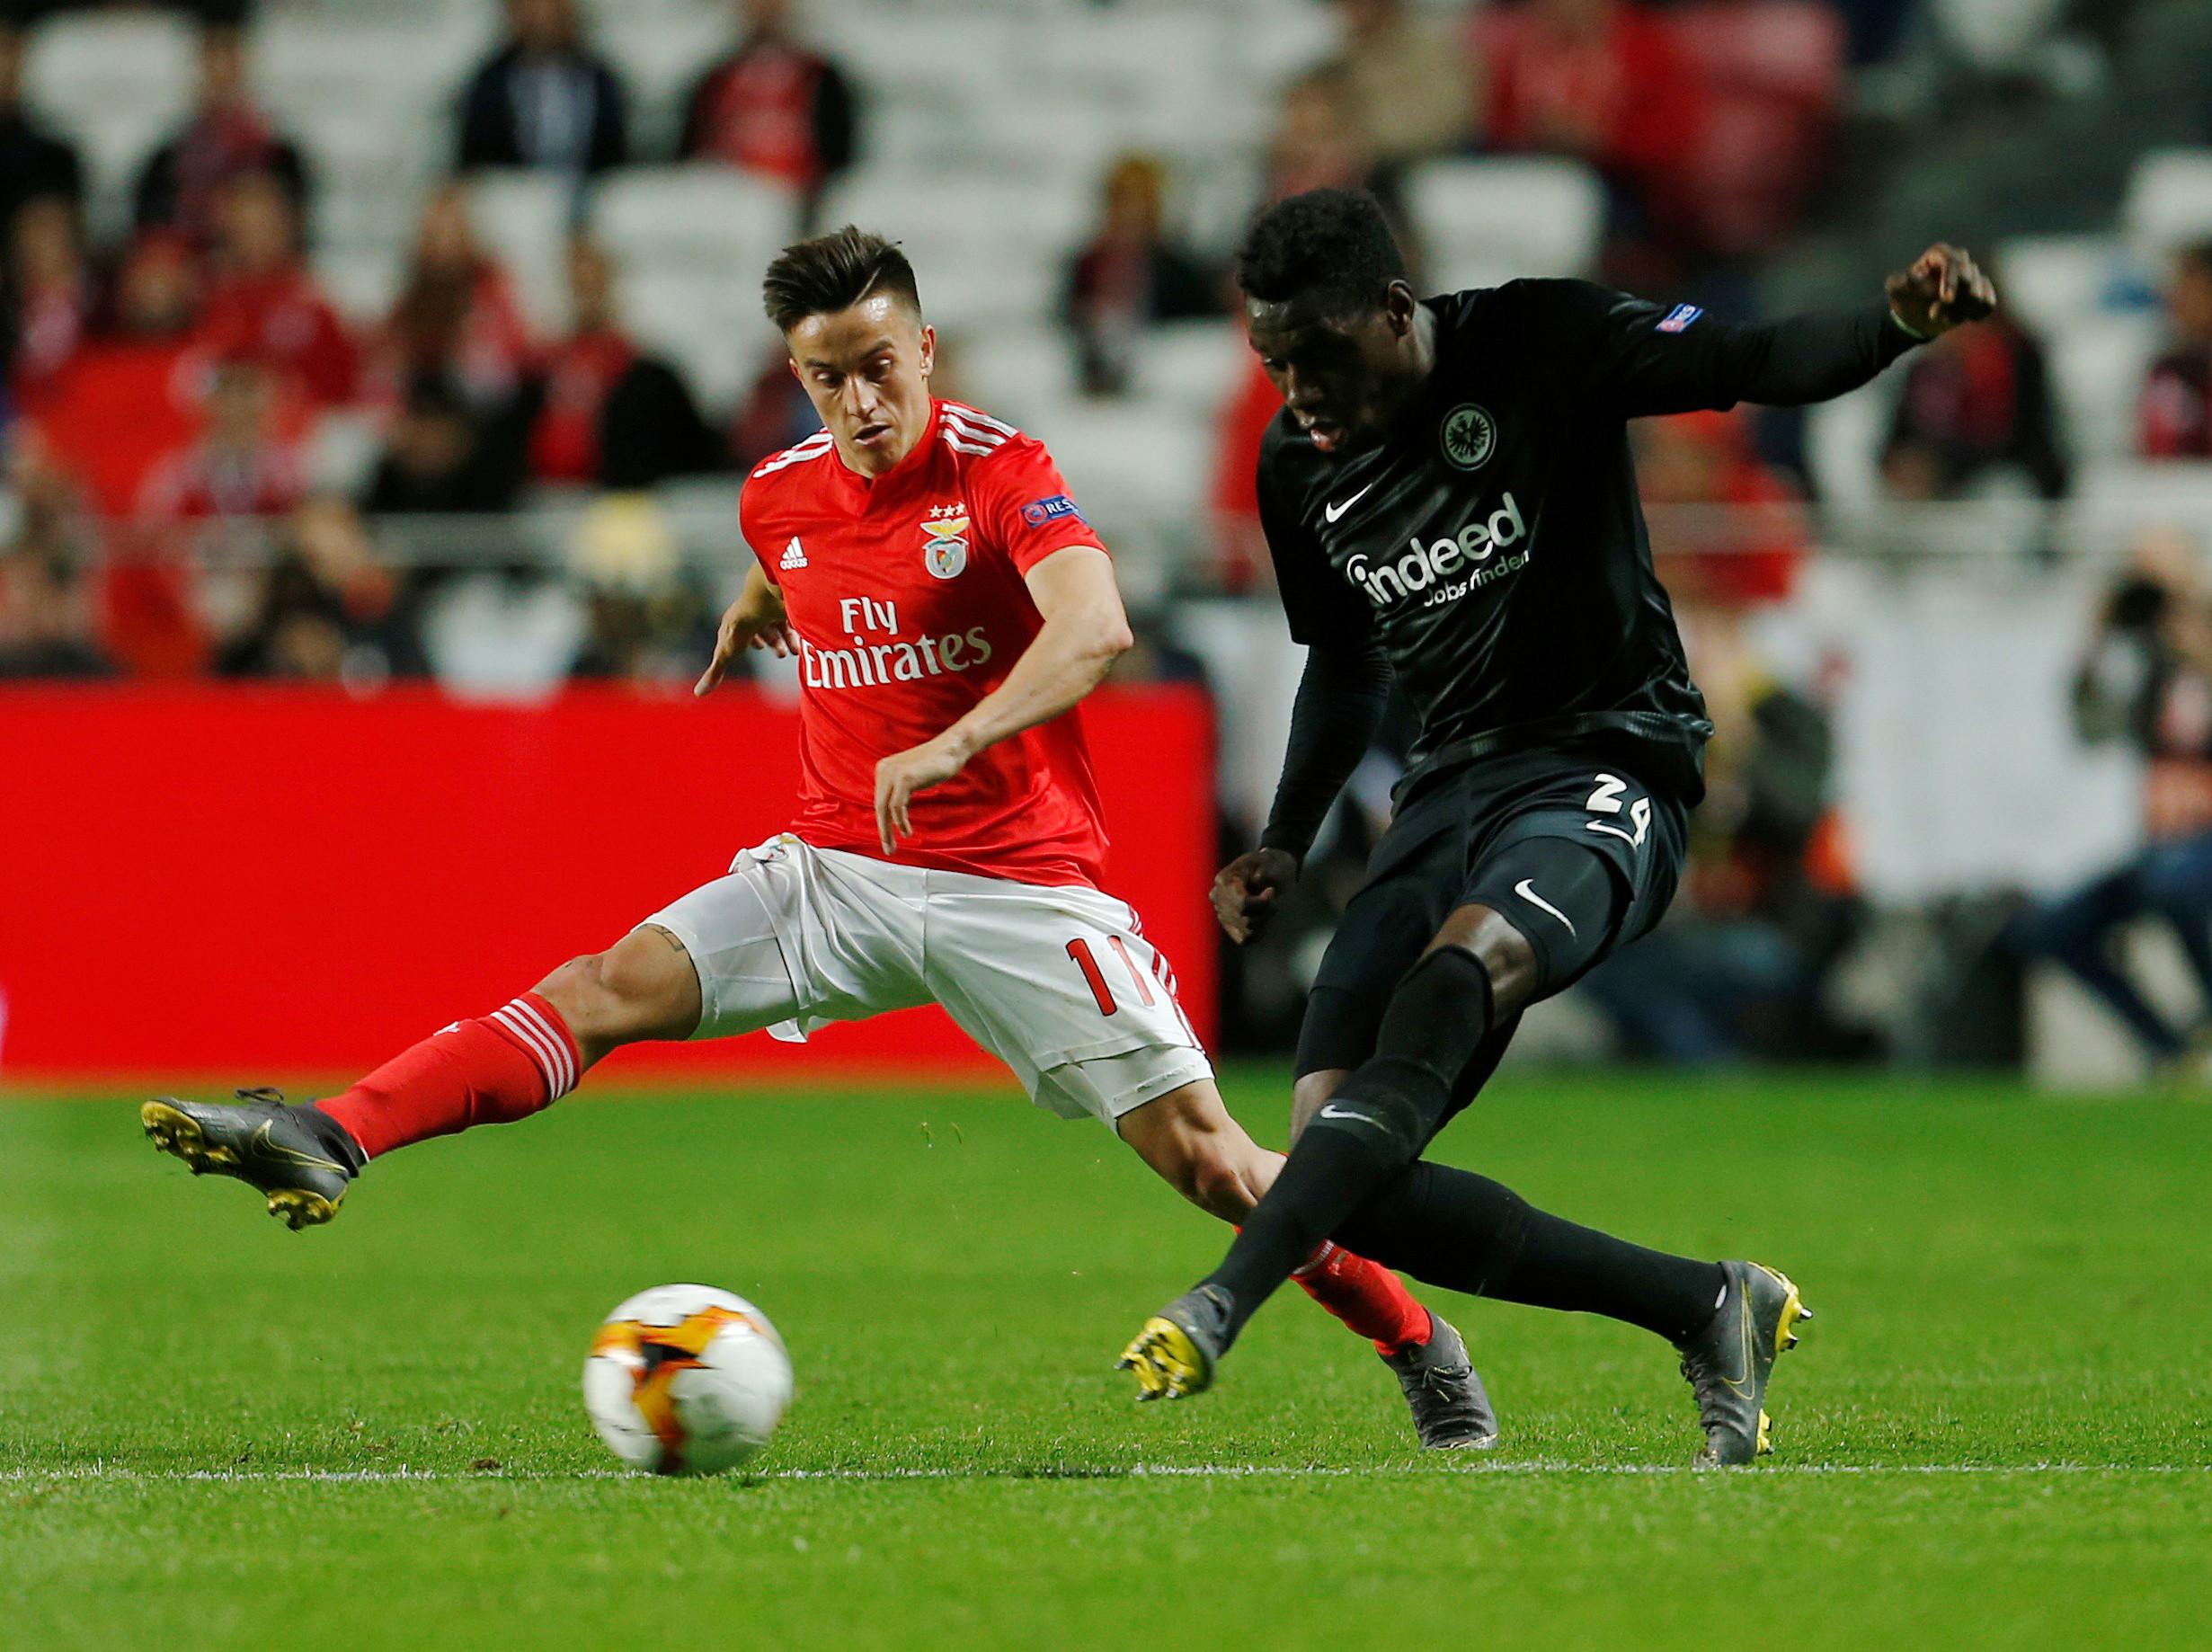 Benfica só ganhou duas vezes na Alemanha, mas aproveita 11 resultados